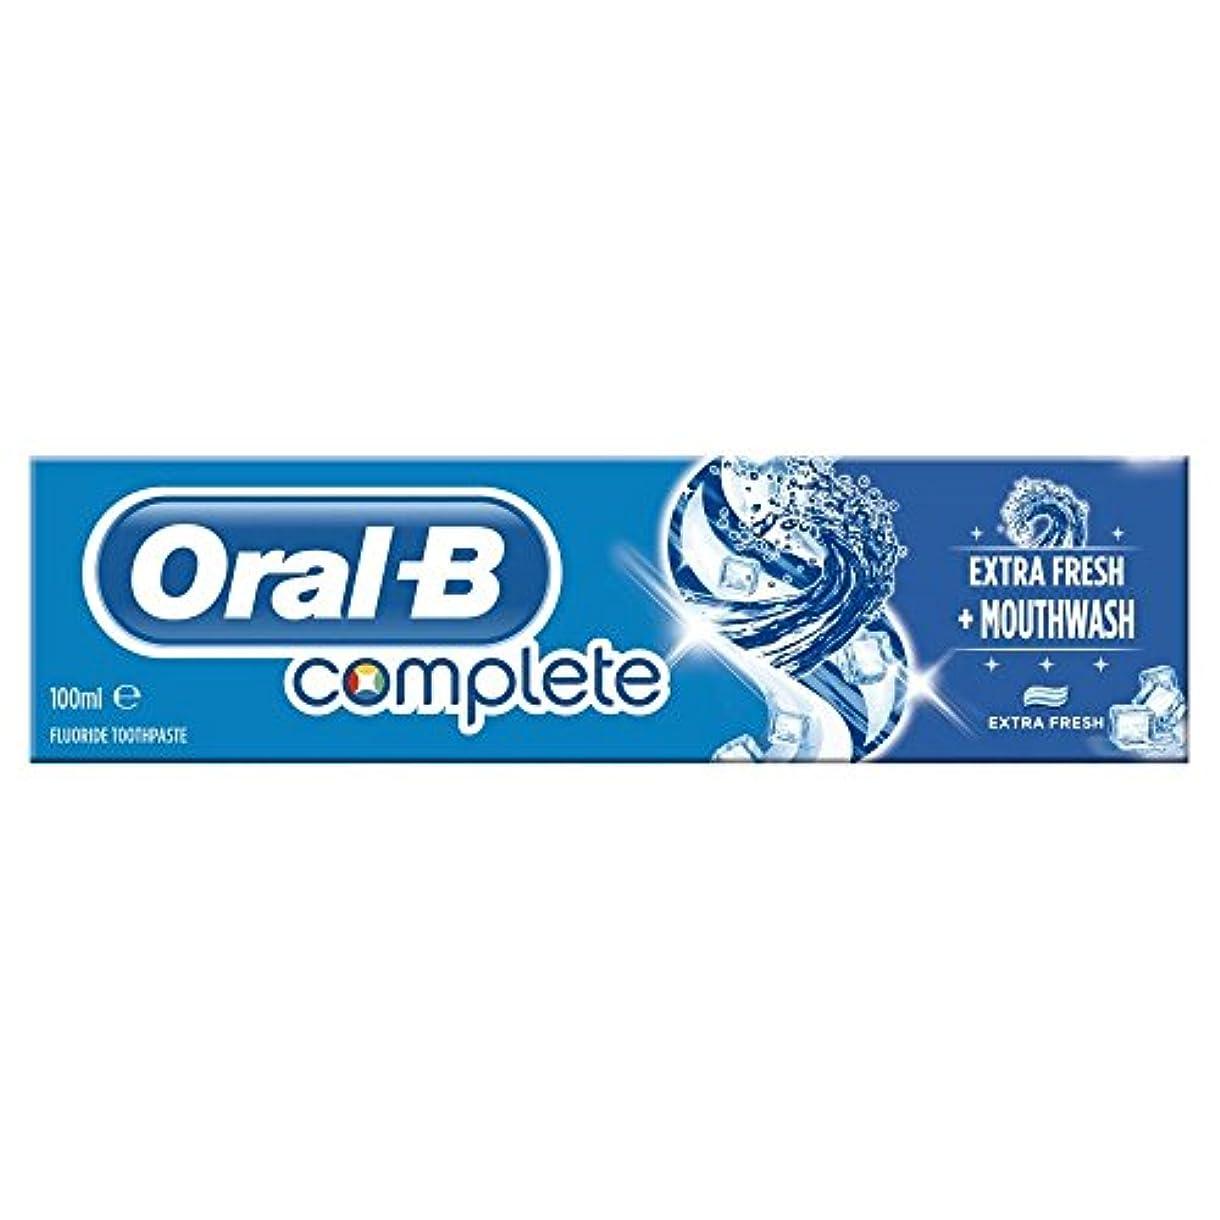 ダンスジョブ傾向Oral B Complete Extra Fresh Toothpaste (100ml) 経口b完全な余分な新鮮な歯磨き粉( 100ミリリットル) [並行輸入品]